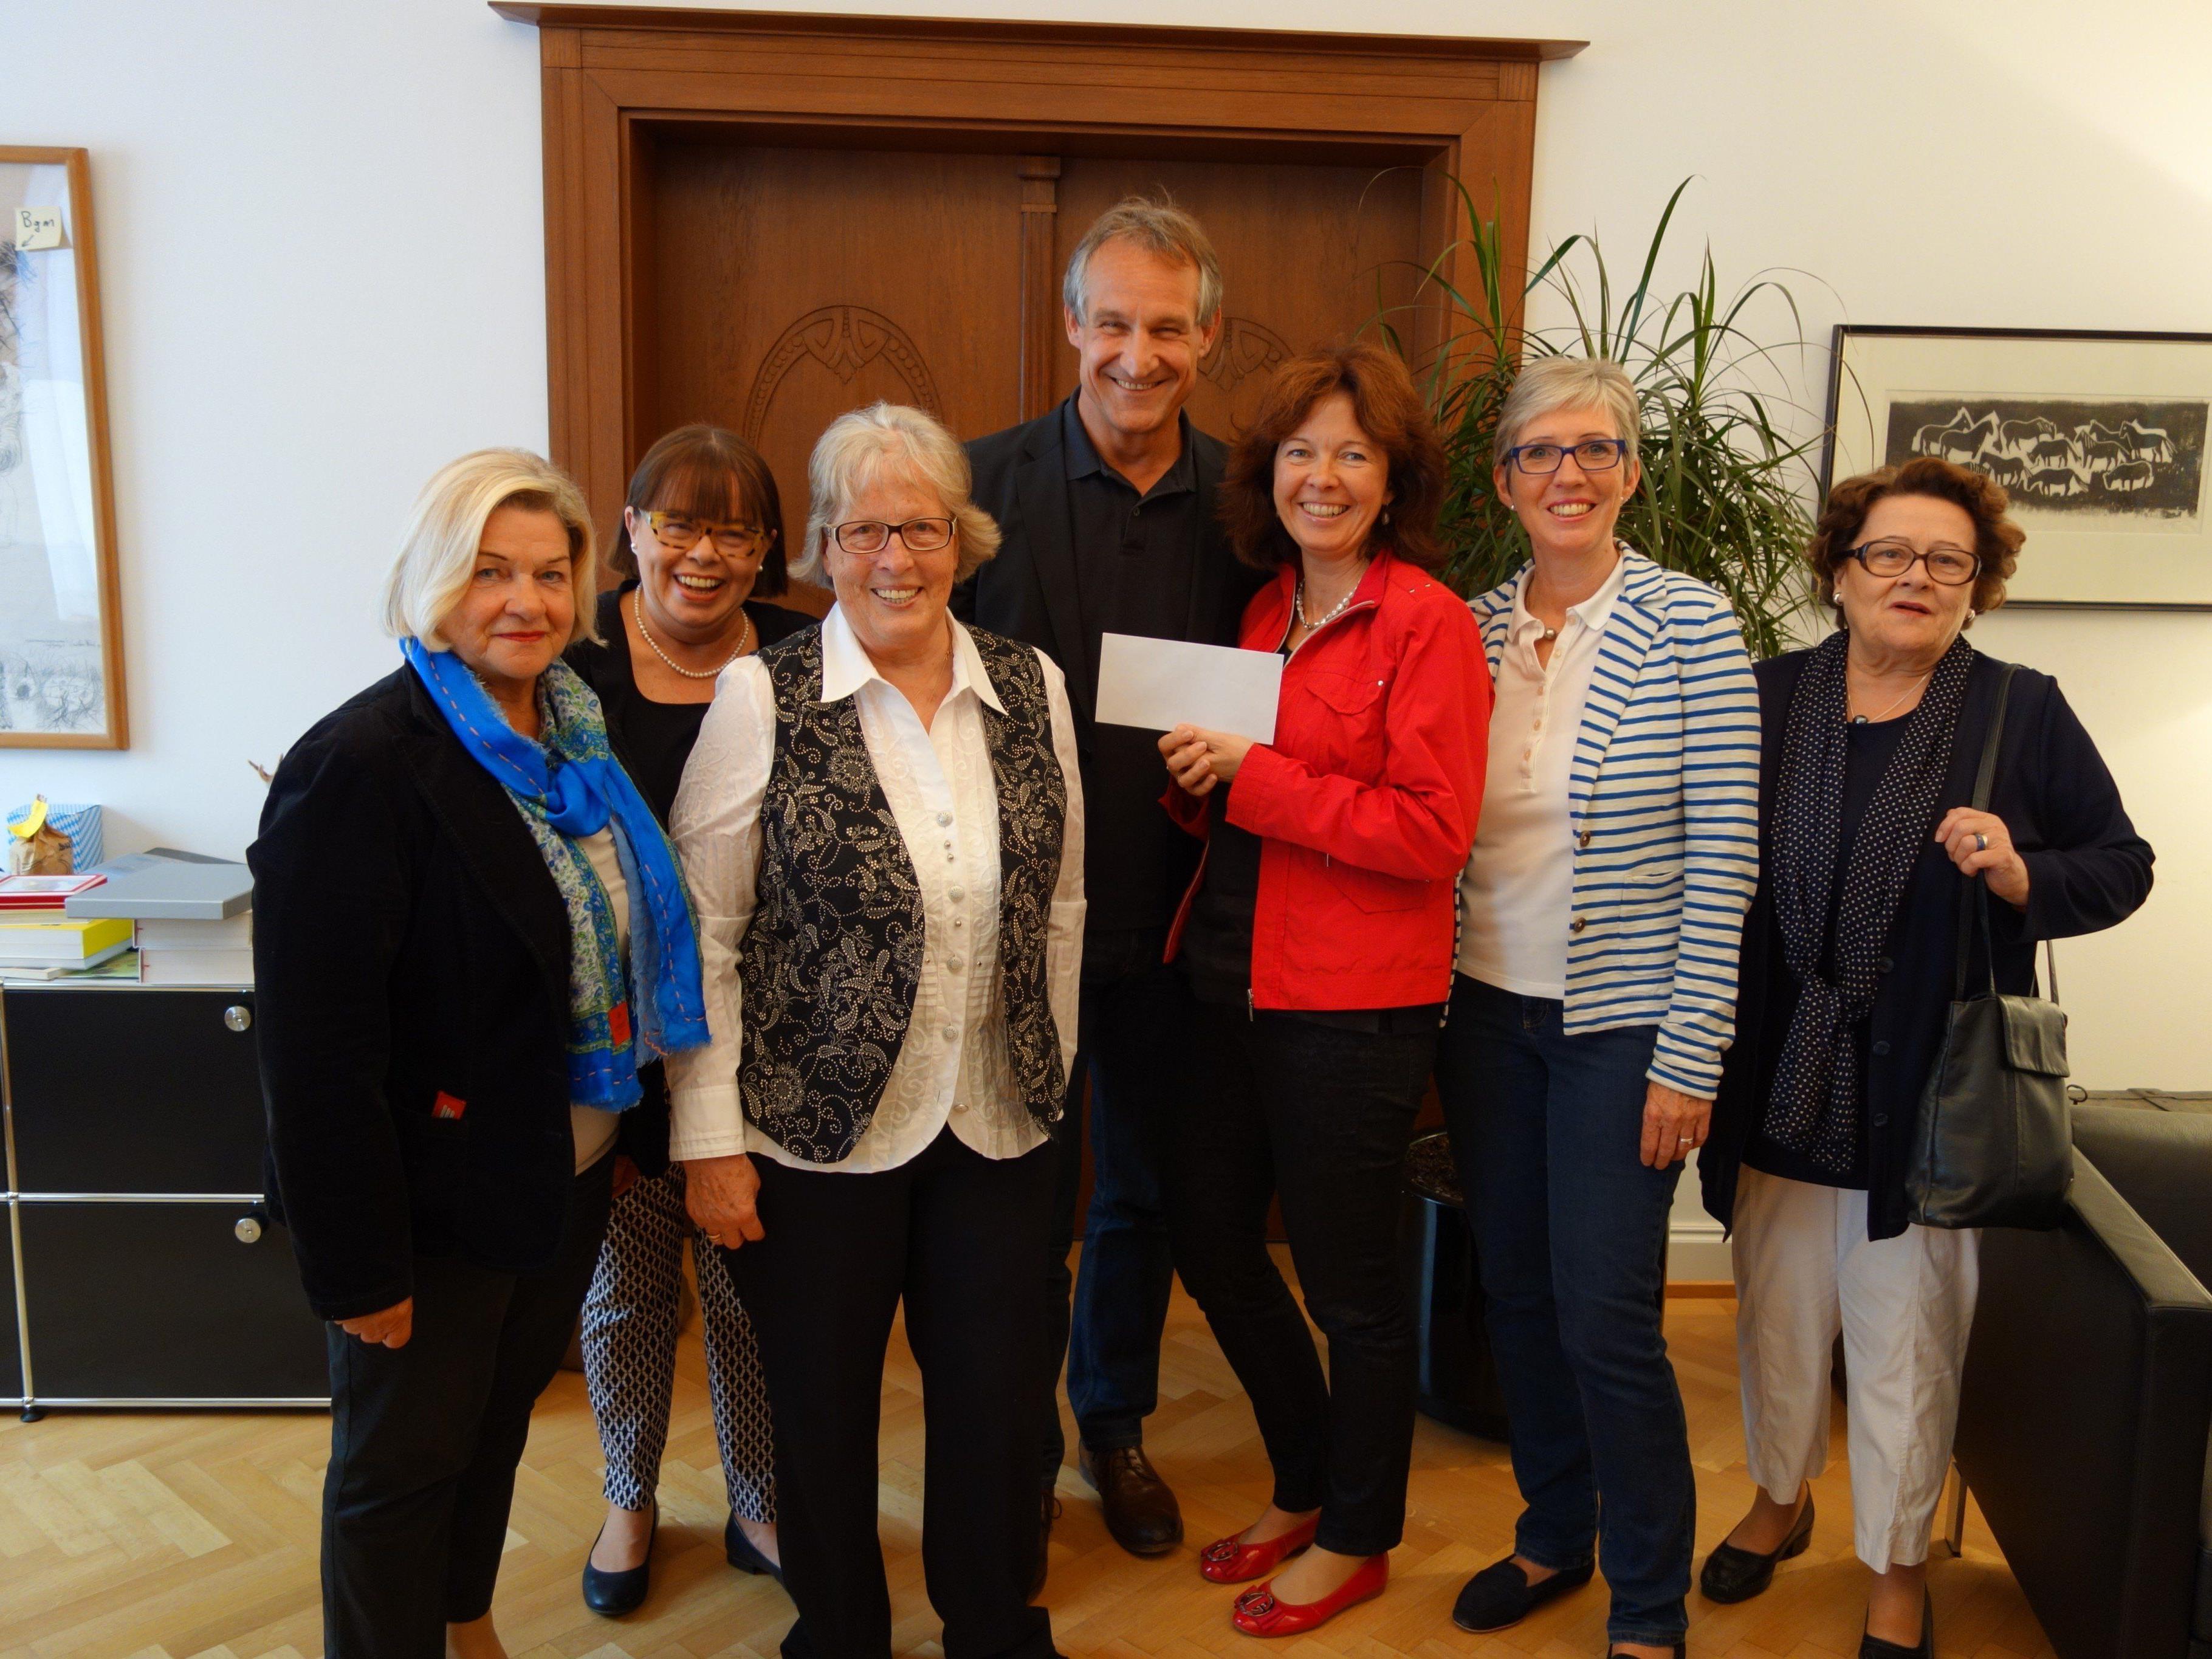 GUTA Vorstand bei der Spendenübergabe an Bürgermeister Markus Linhart im Rathaus